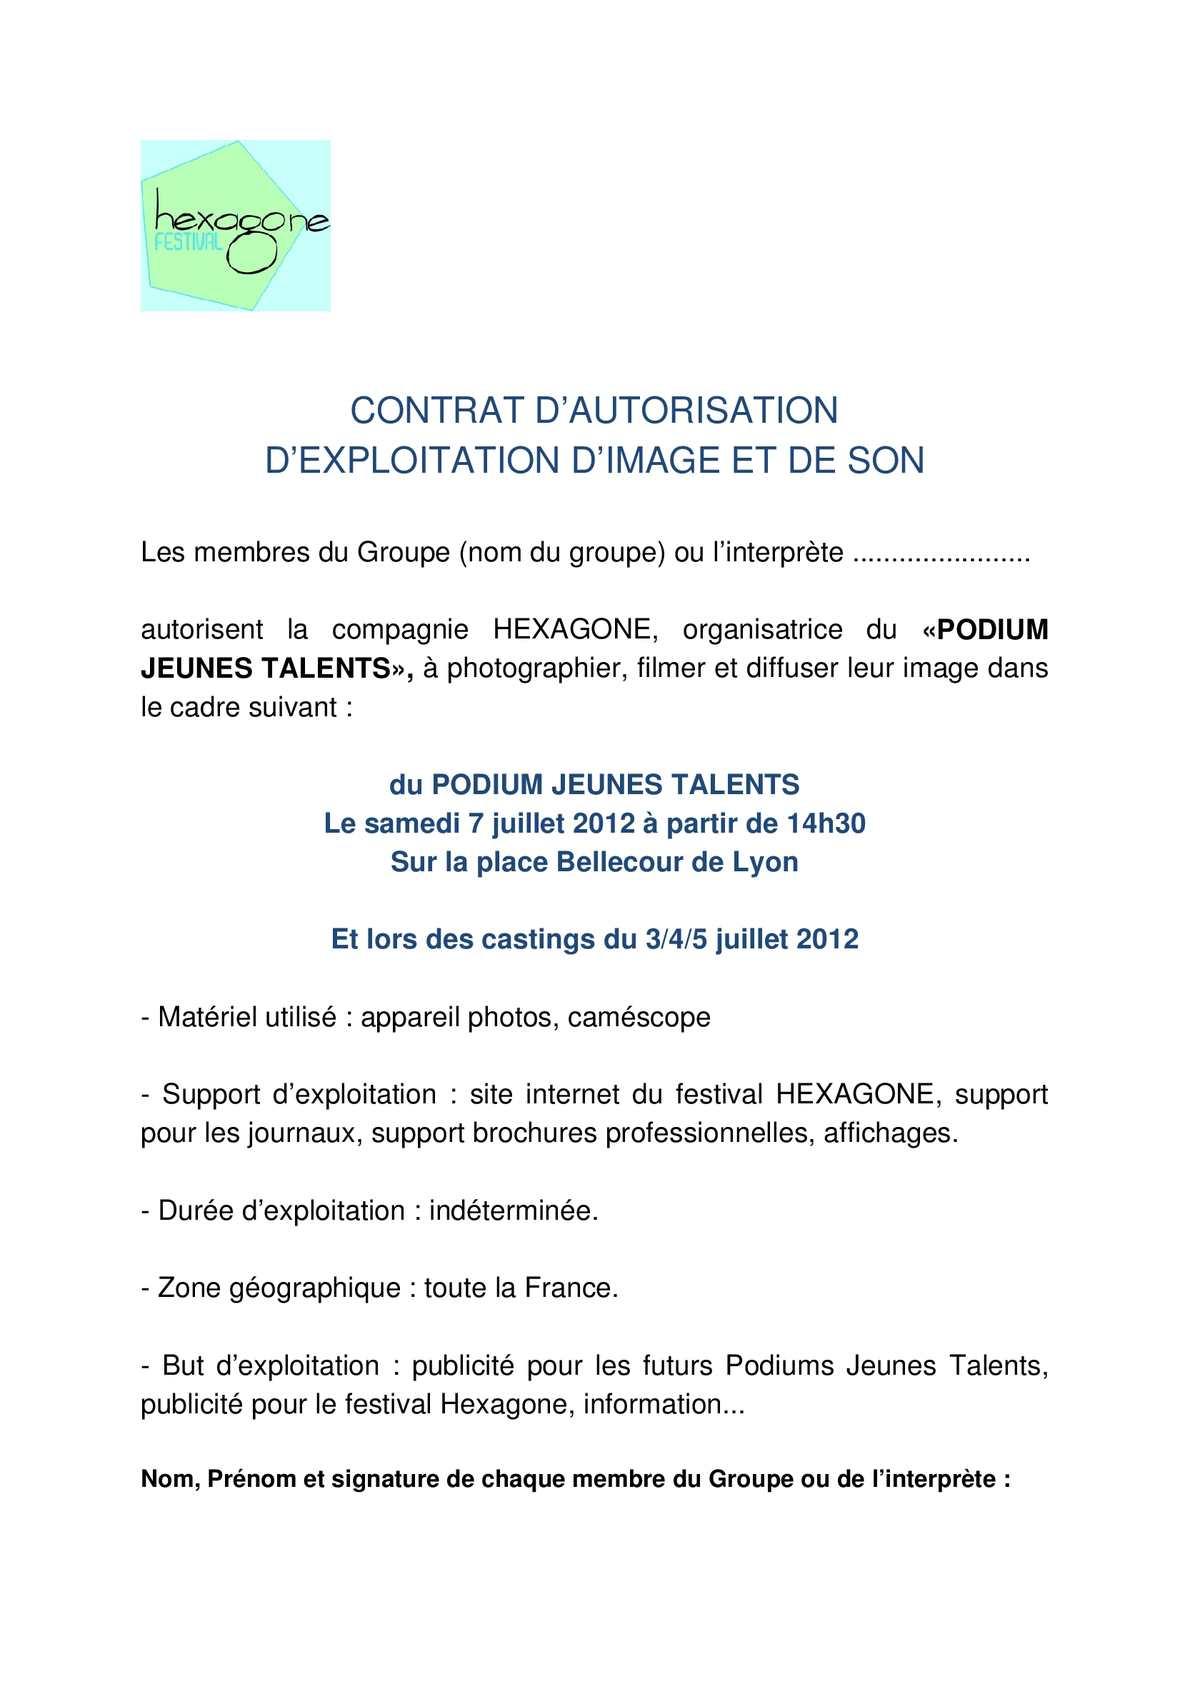 Calaméo - Autorisation droit à l'image et droit du son Lyon